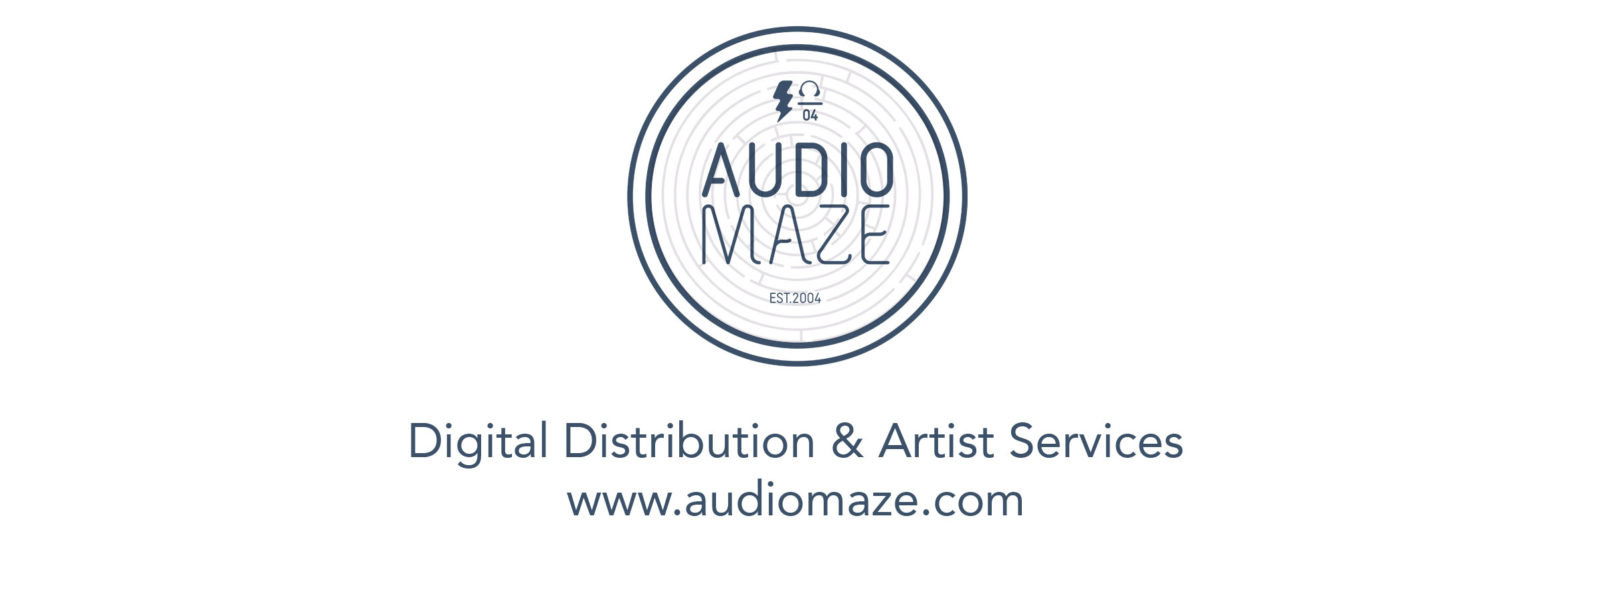 Audiomaze